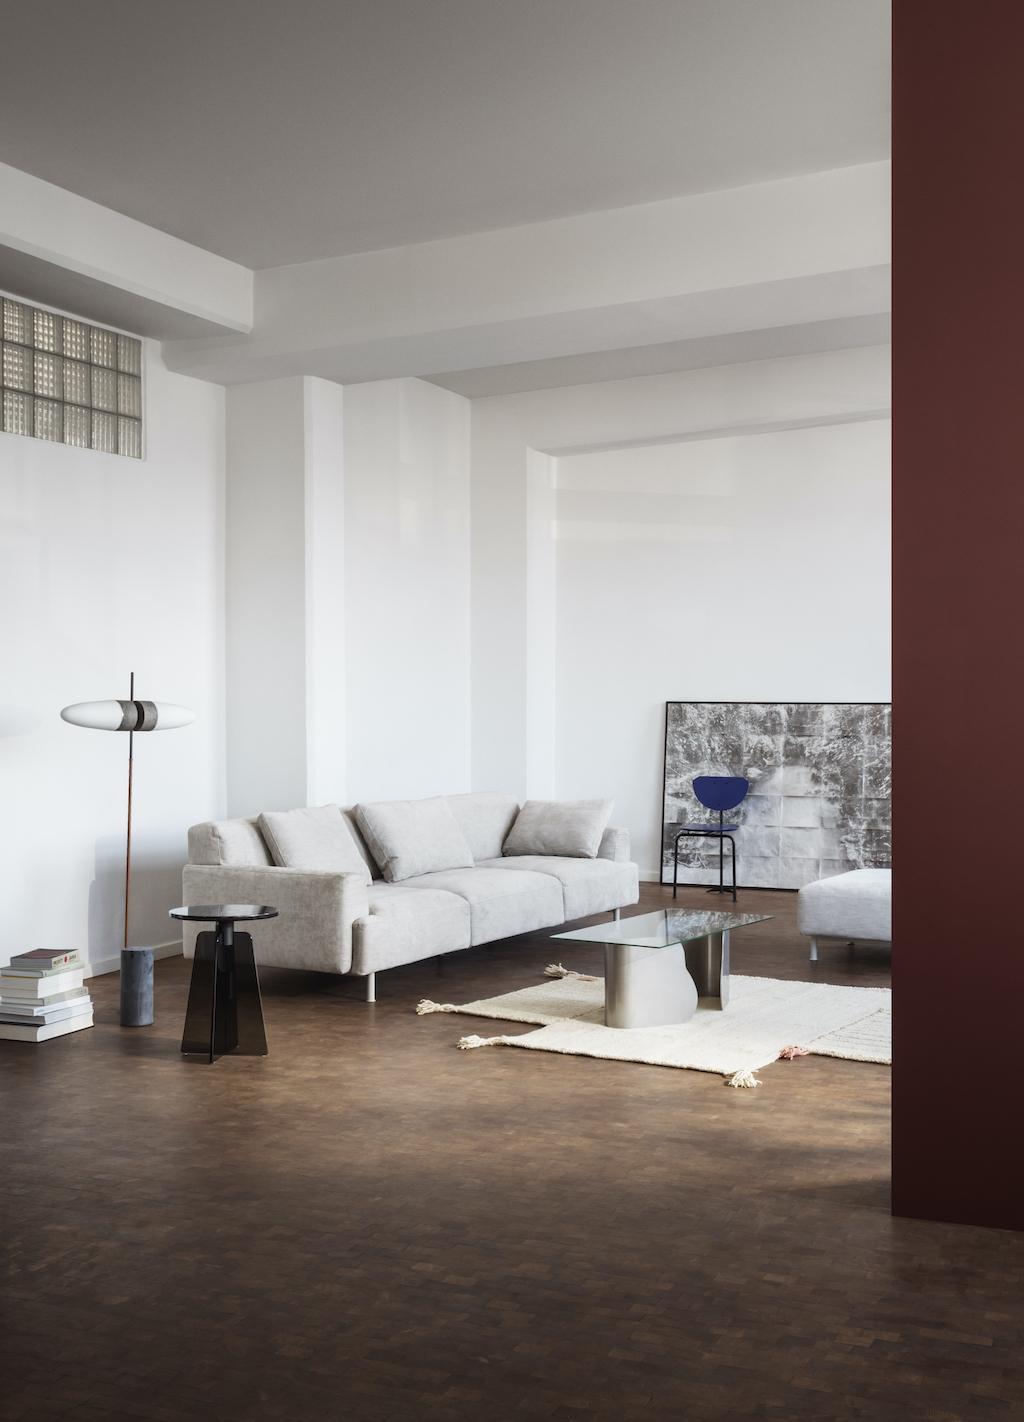 Helles Sofa und moderner Wohnbereich mit weißen Wänden und Holzfußboden